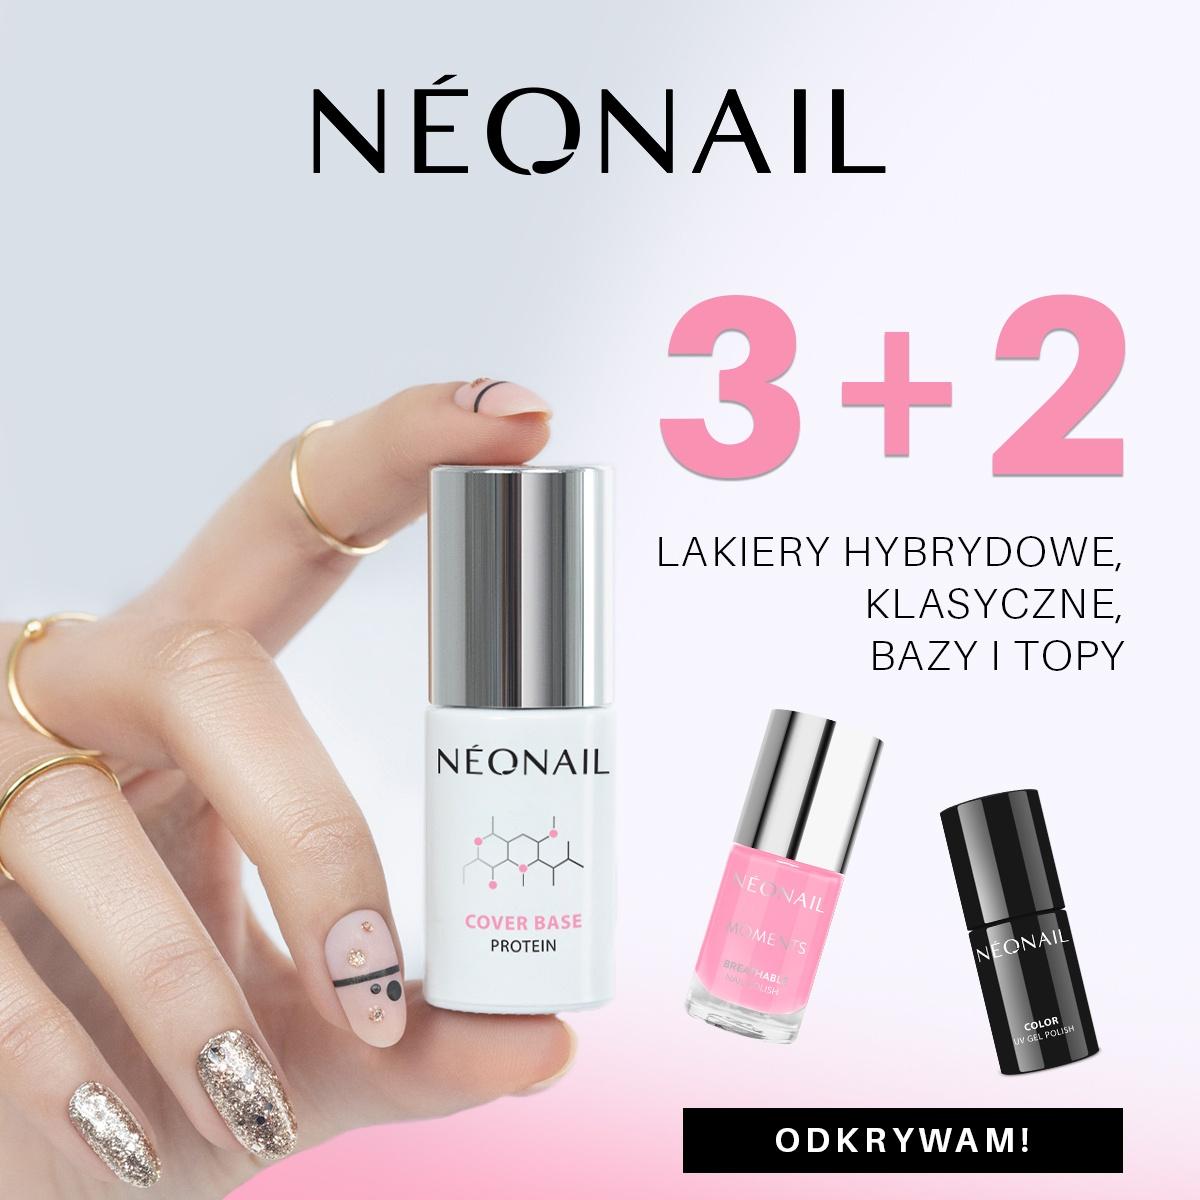 Wyjątkowa promocja od NEONAIL!